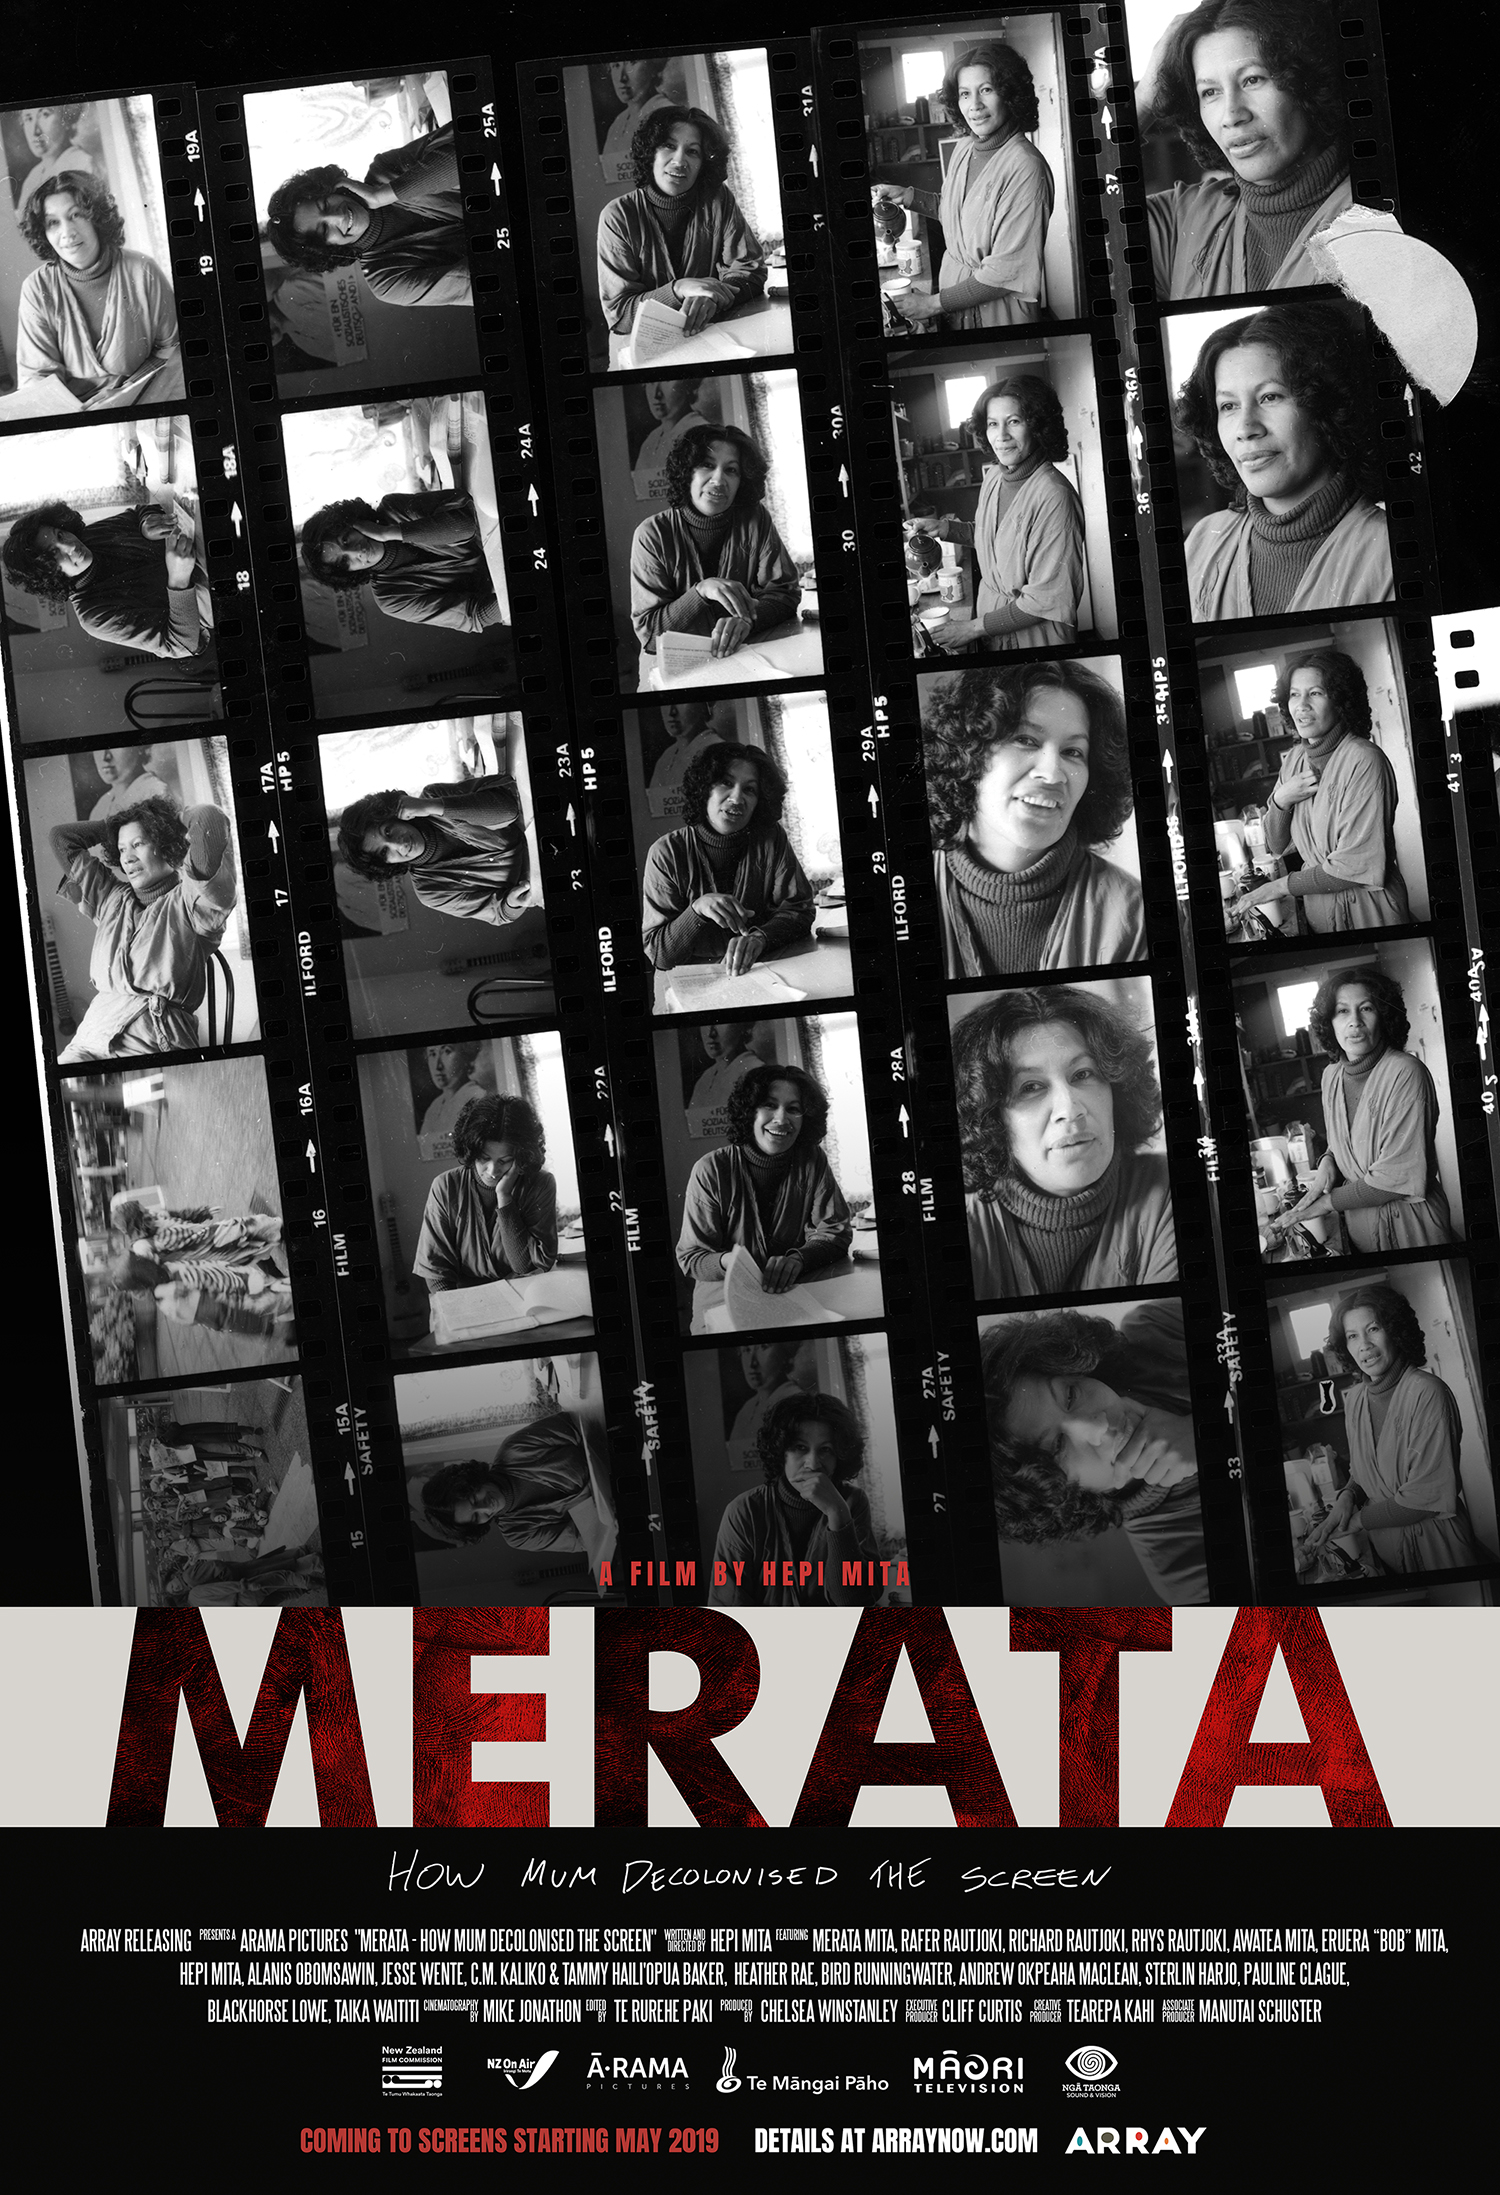 MerataPosterWeb1000x.jpg